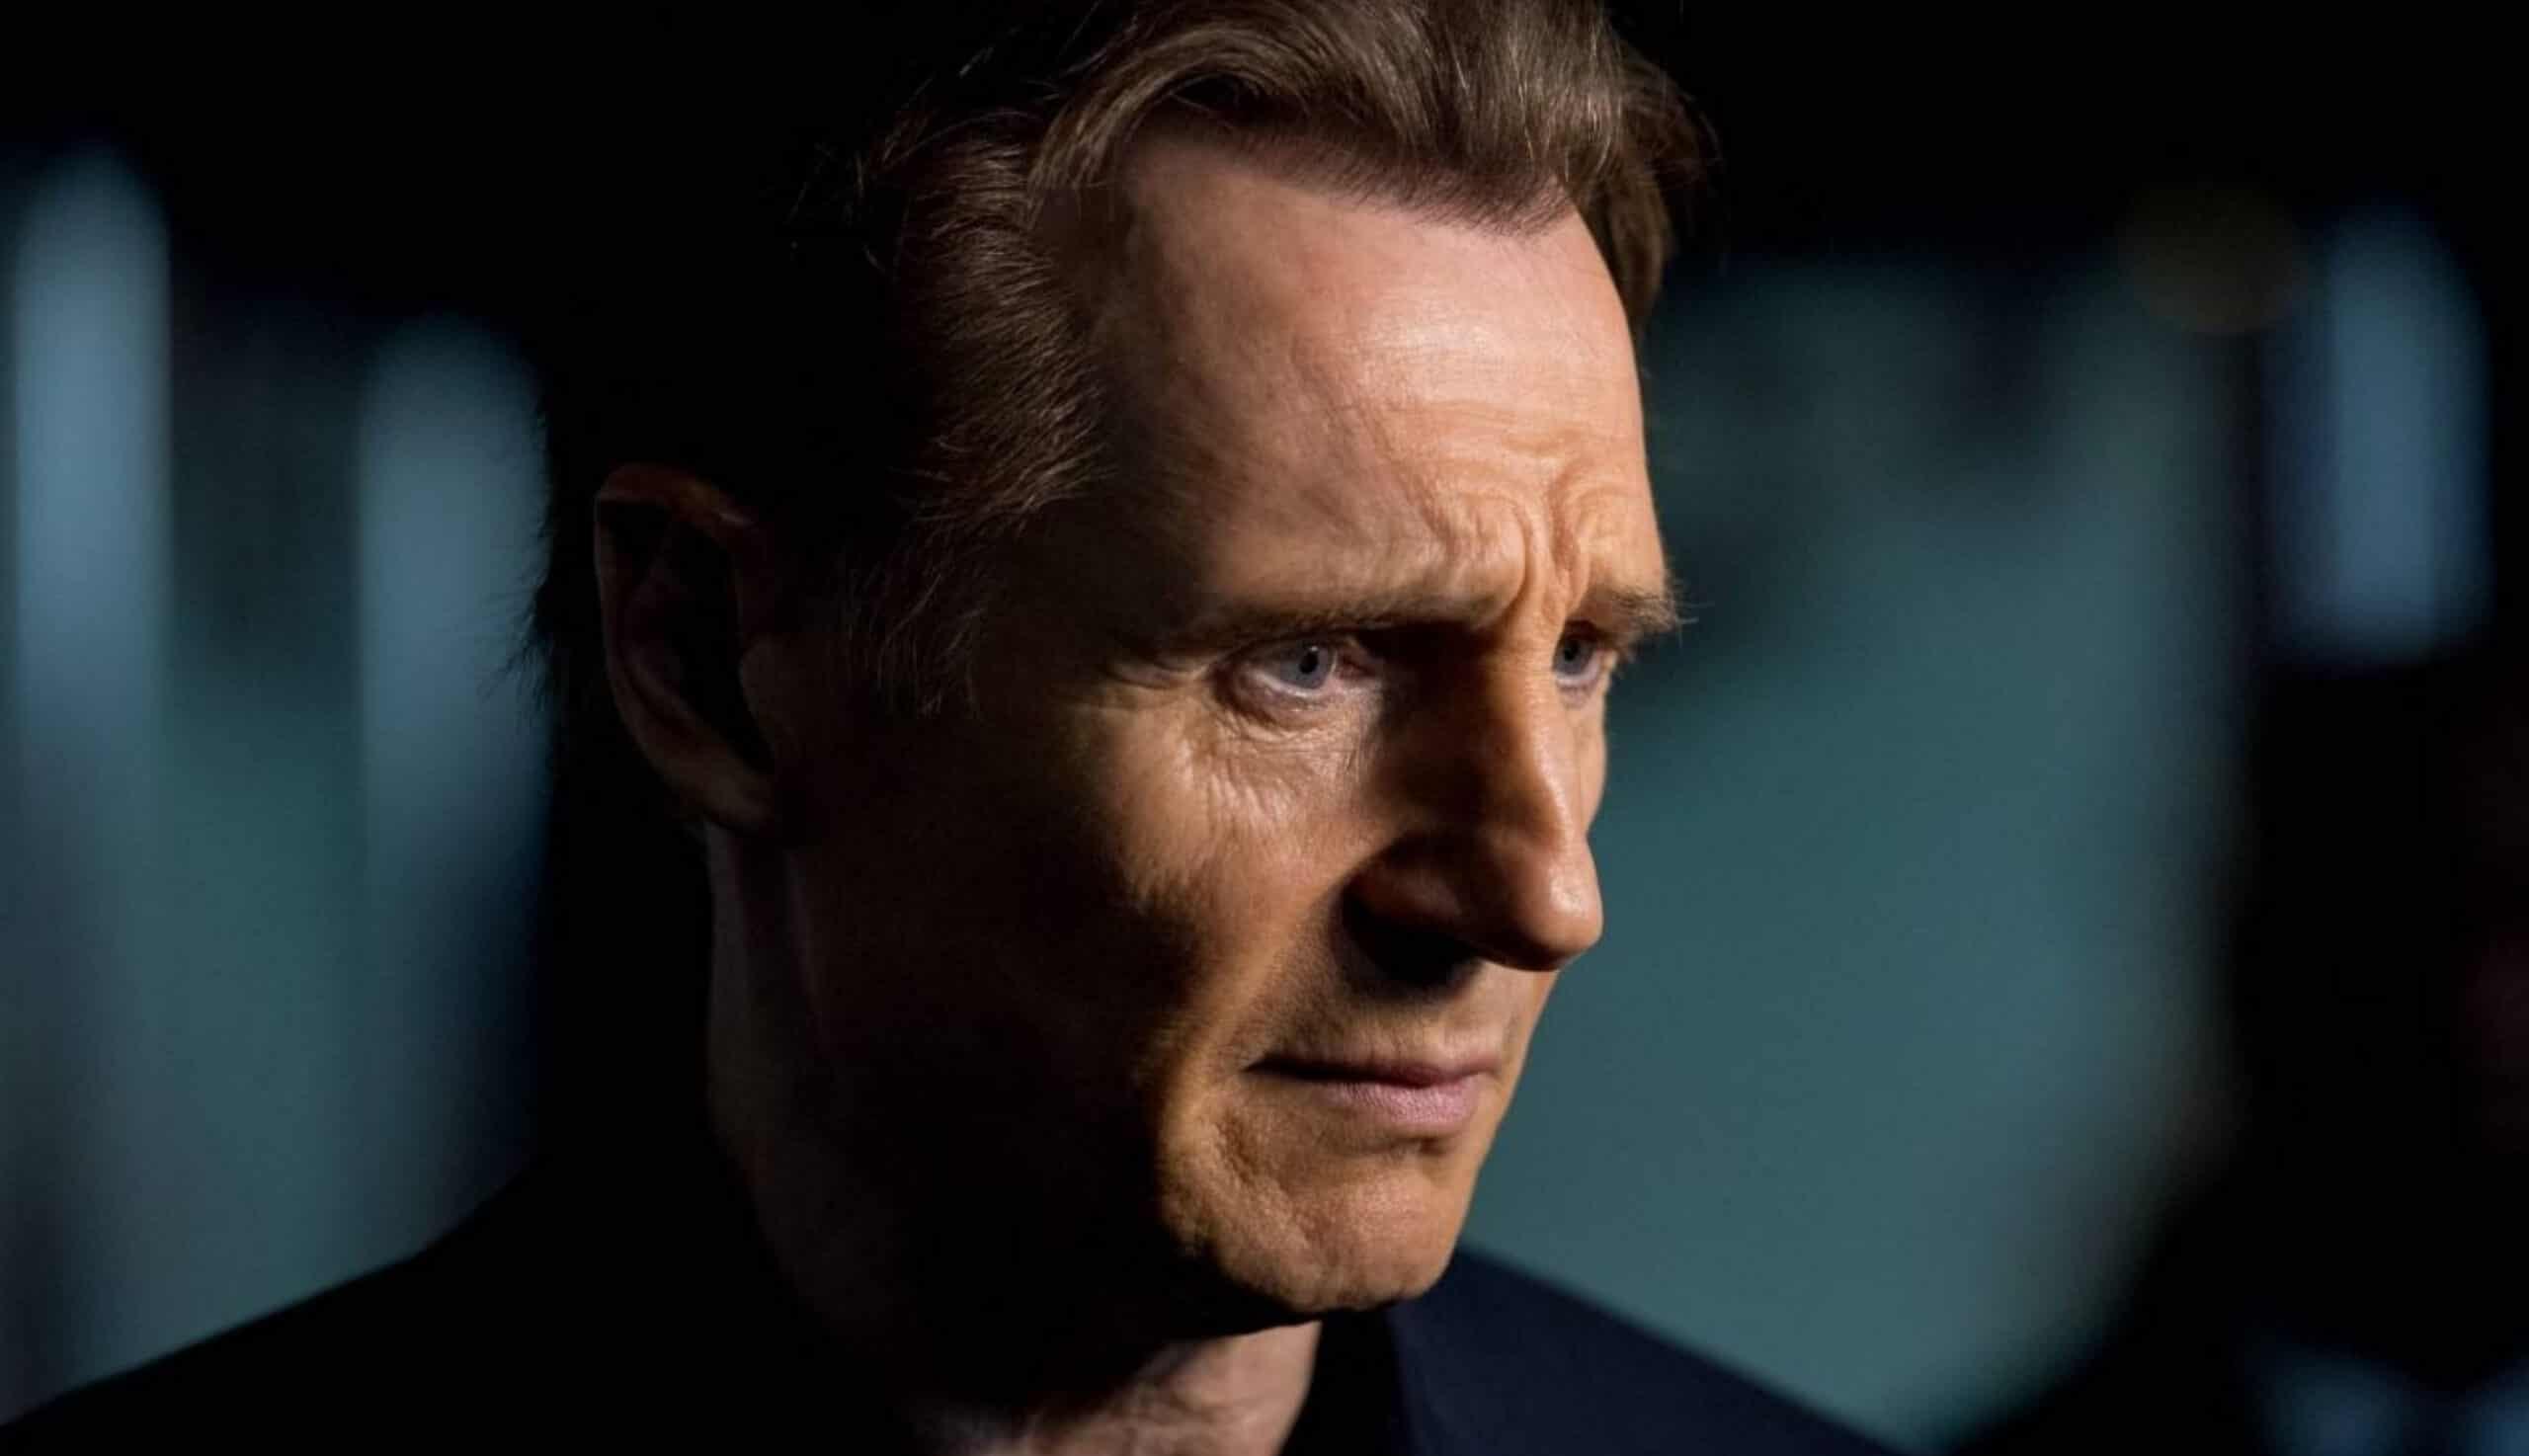 Liam Neeson by Roy Rochlin